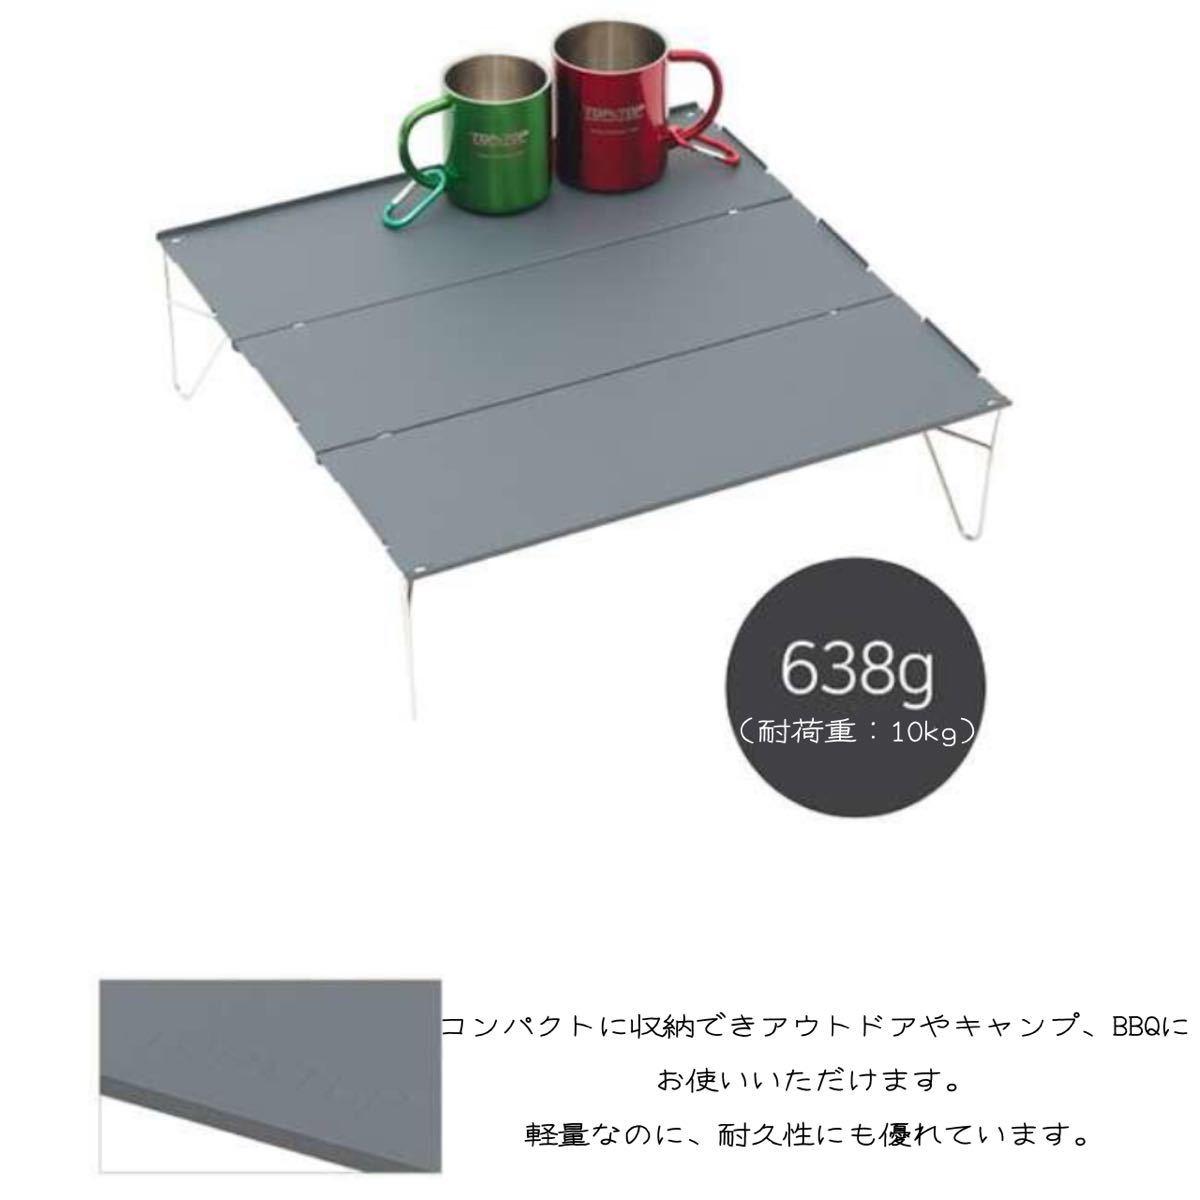 ソロテーブル アウトドアテーブル  軽量 コンパクト ローテーブル 収納ケース付き